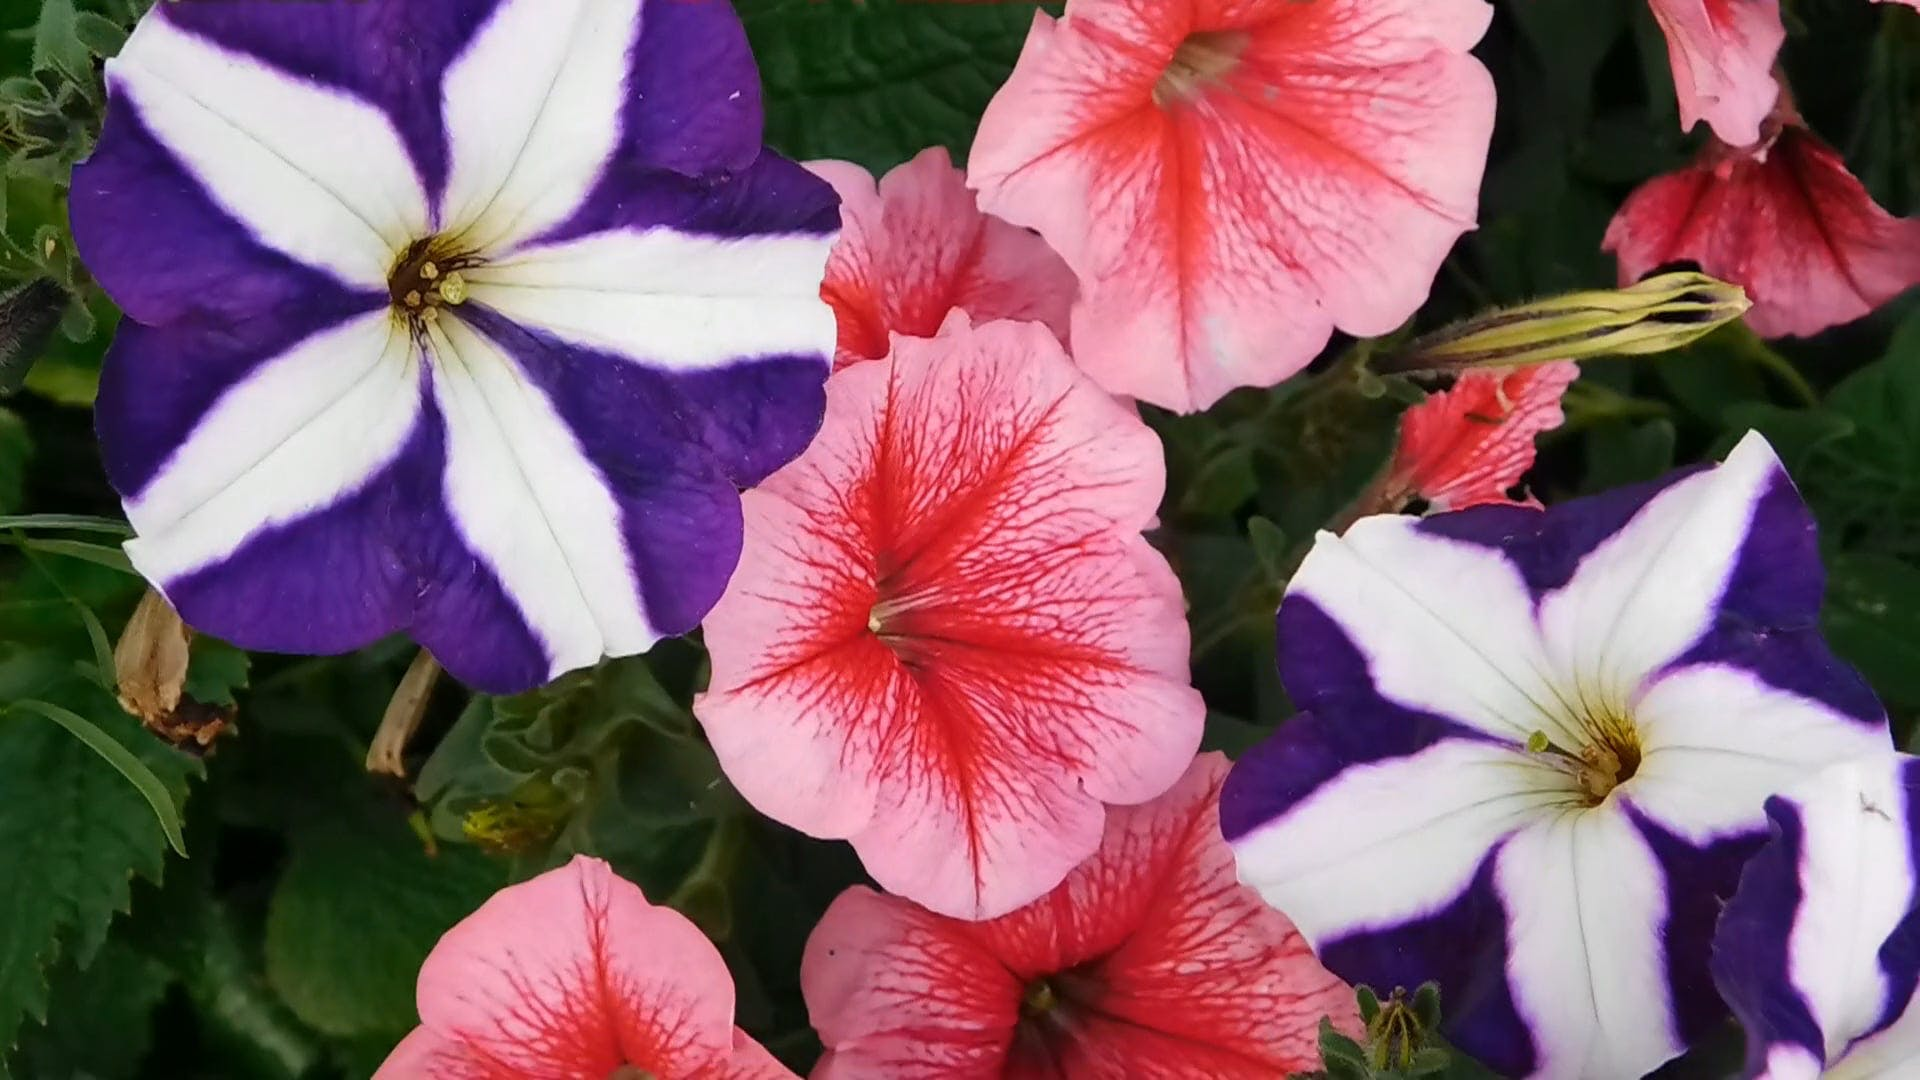 Garden Mosaic Flowers